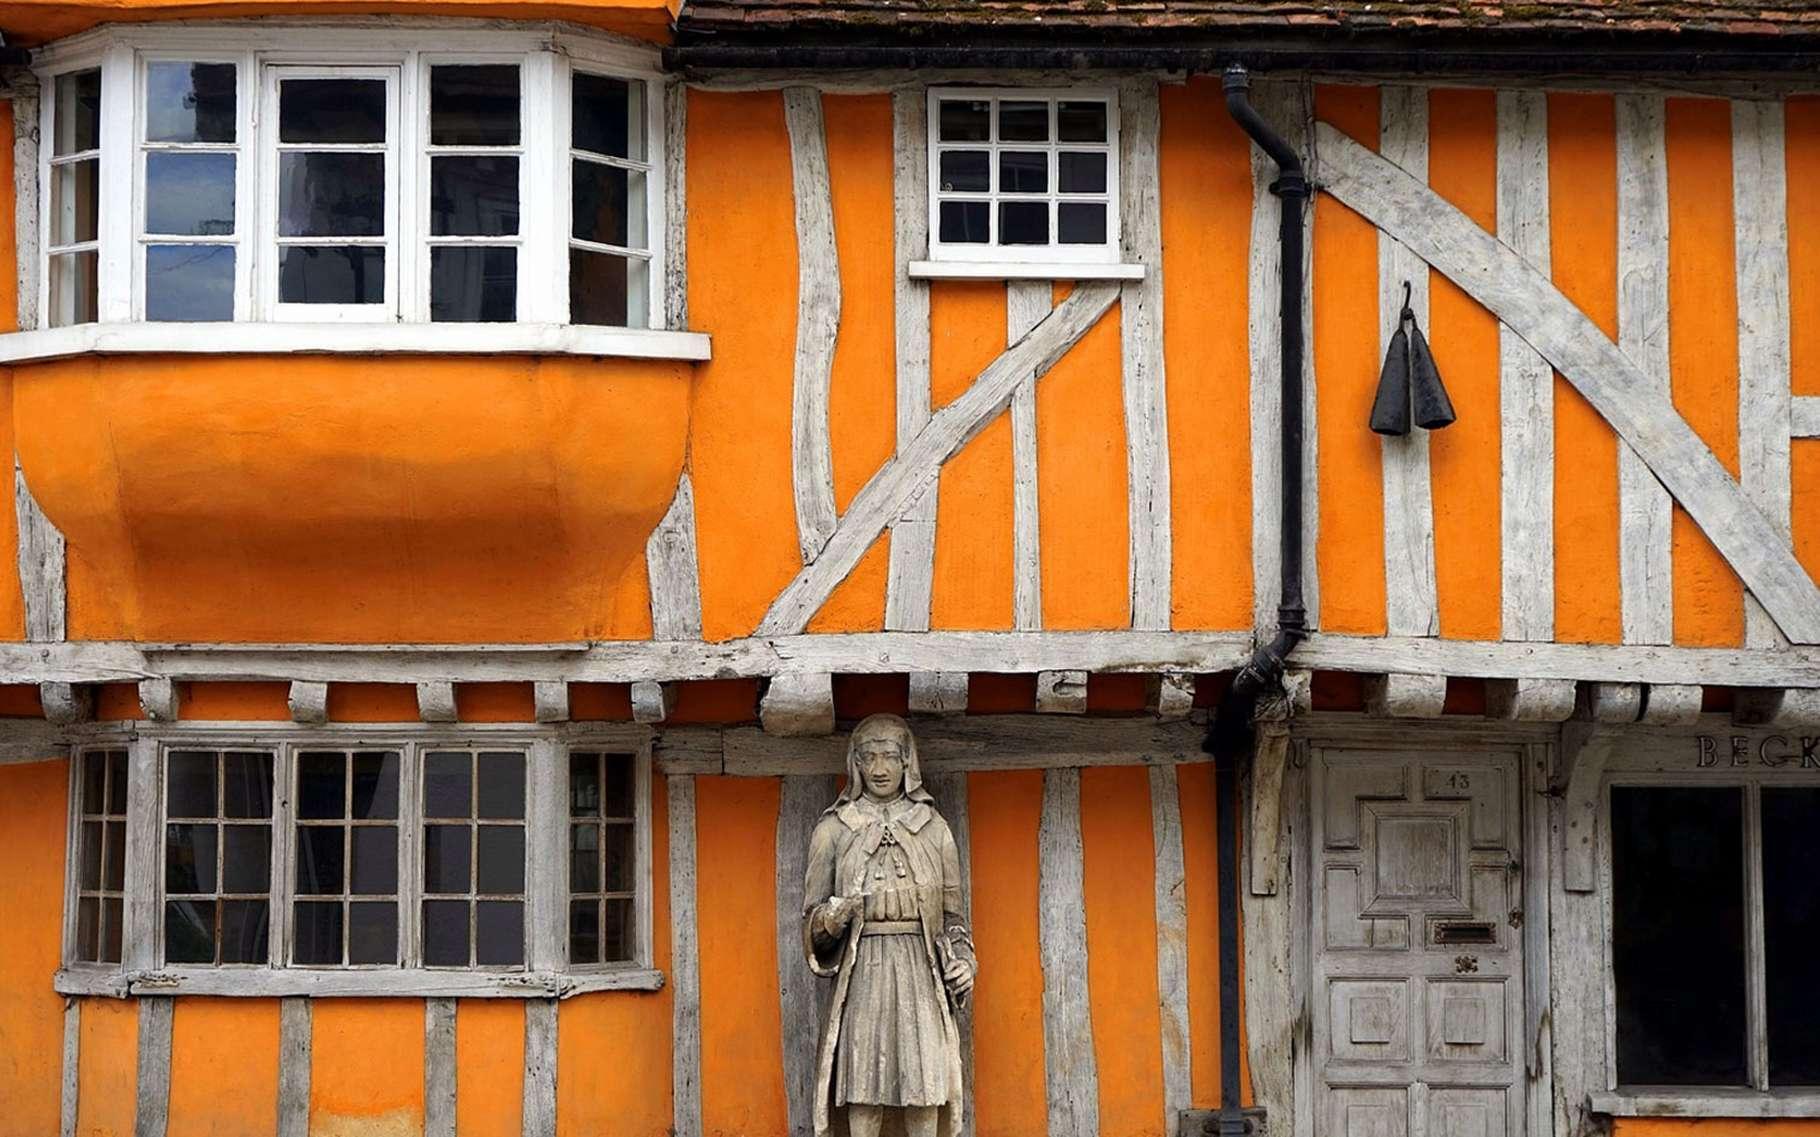 Les maisons à colombage, aussi appelées maisons à pans de bois ou maisons à corondages, se reconnaissent grâce à deux éléments. Le premier est, évidemment, le colombage, c'est-à-dire un ensemble de poutres apparentes qui délimitent des compartiments au sein du mur. Le second est le hourdage, soit la maçonnerie remplissant les compartiments du mur. Elle est souvent réalisée à partir de plâtre ou de bauge. © Creative Commons, CC0